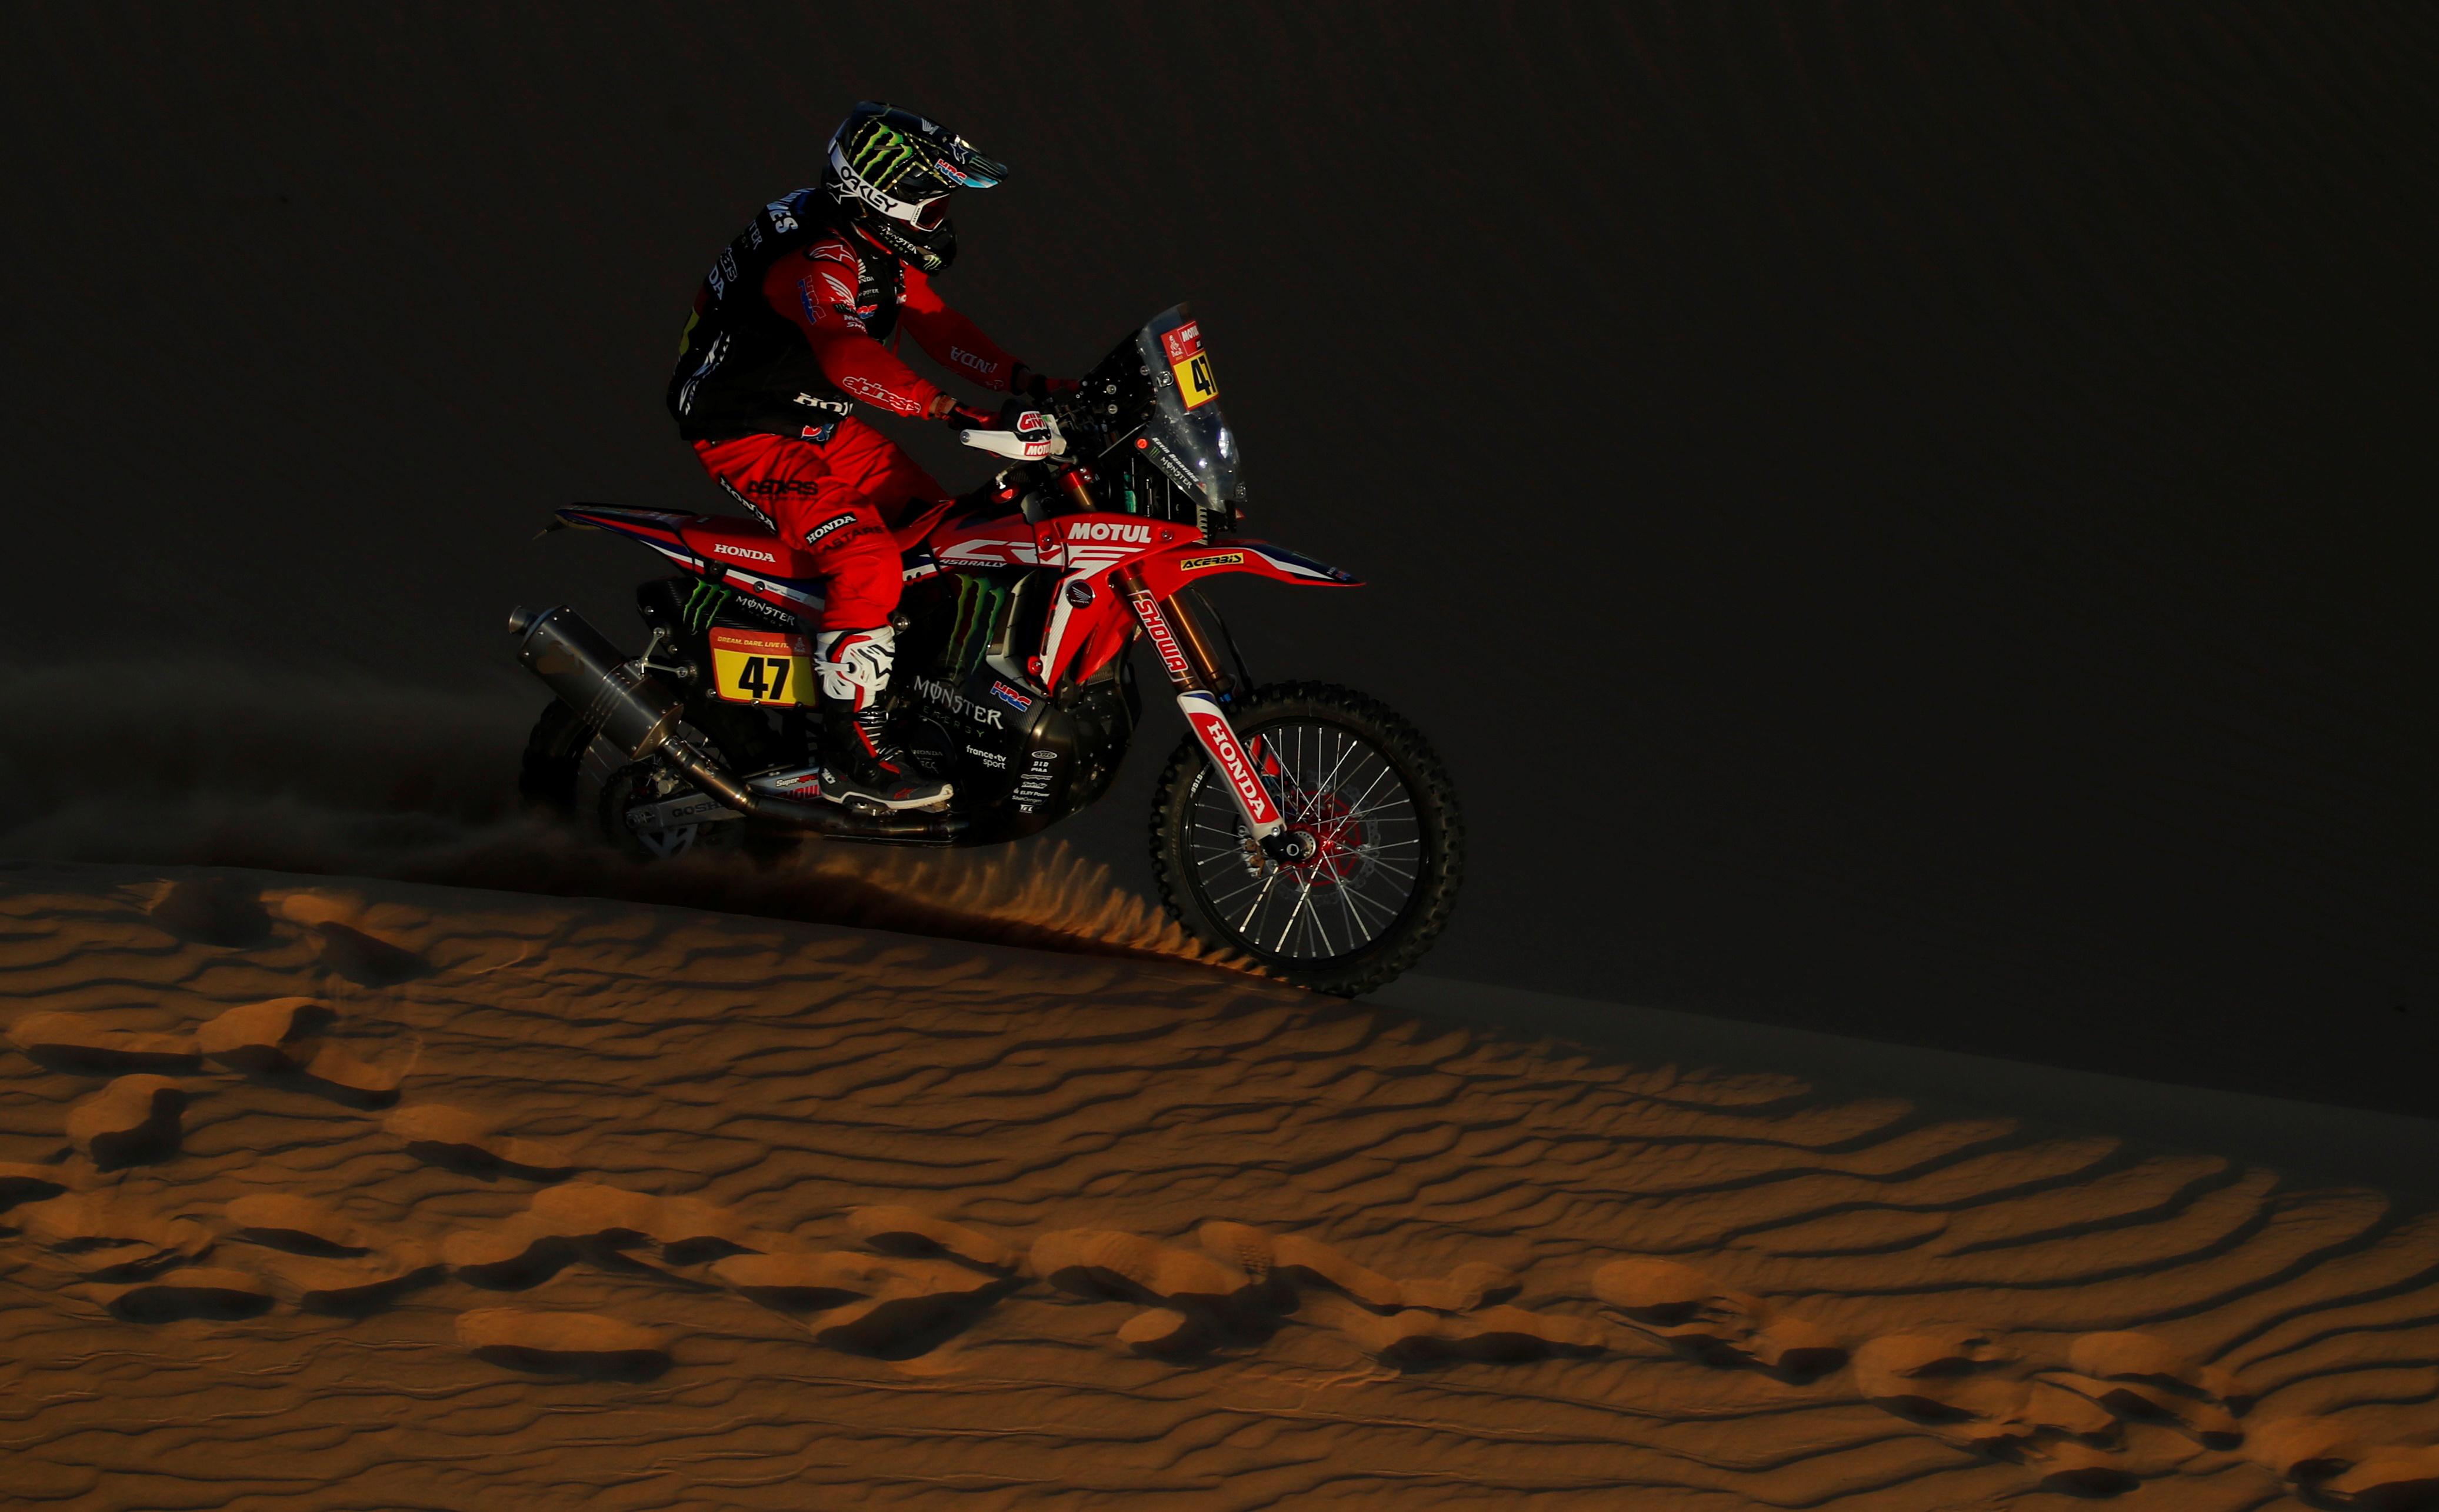 Se adjudicó este viernes el Rally Dakar 2021 en la categoría motos, tras la finalización de la 12ª etapa